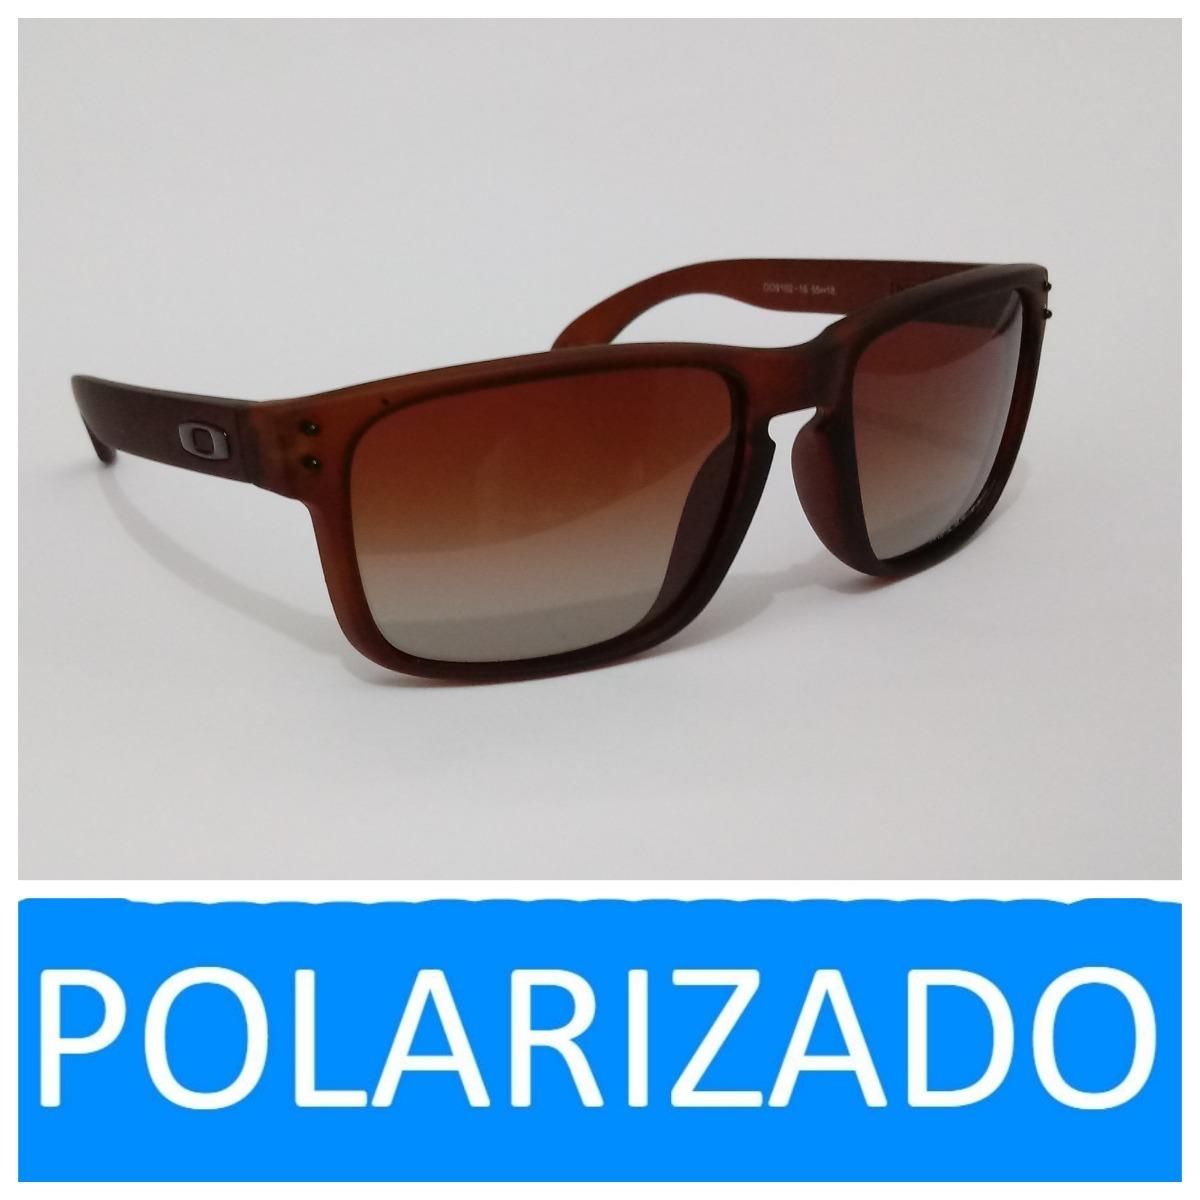 46f9b73249551 oculos marrom polarizado valentino. rossi lente degradê. Carregando zoom.